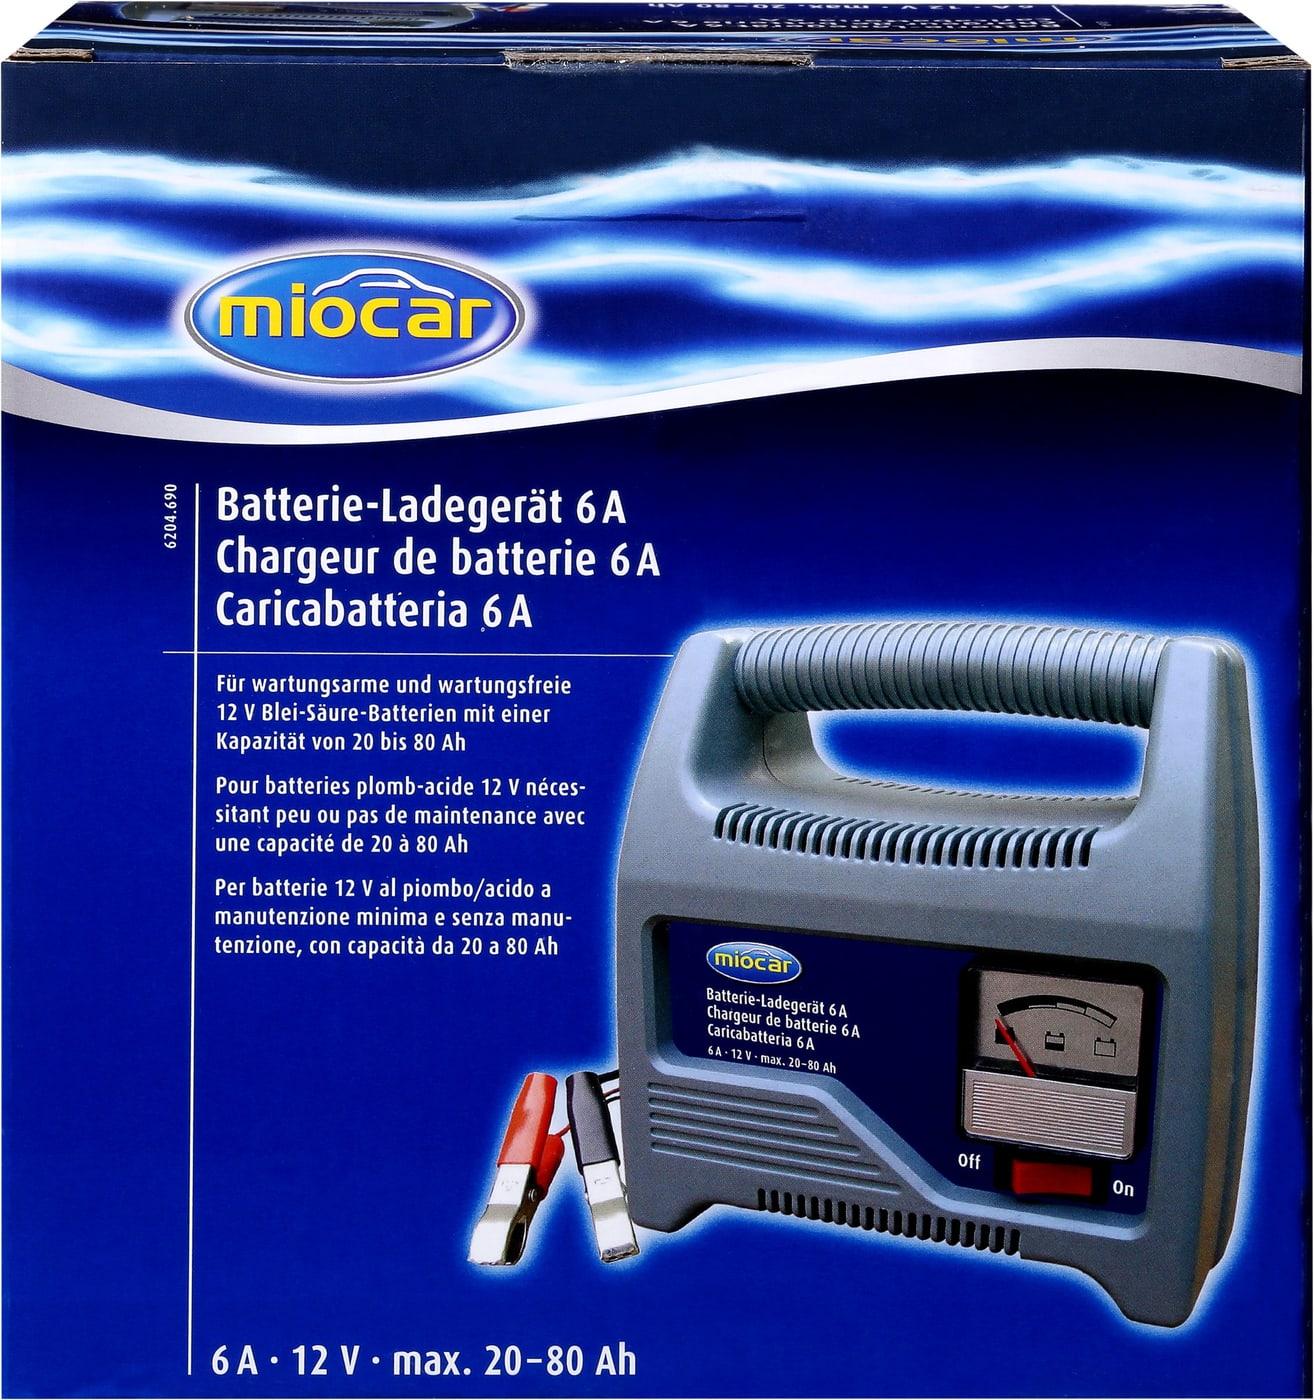 miocar batterie ladeger t 12v 6a migros. Black Bedroom Furniture Sets. Home Design Ideas